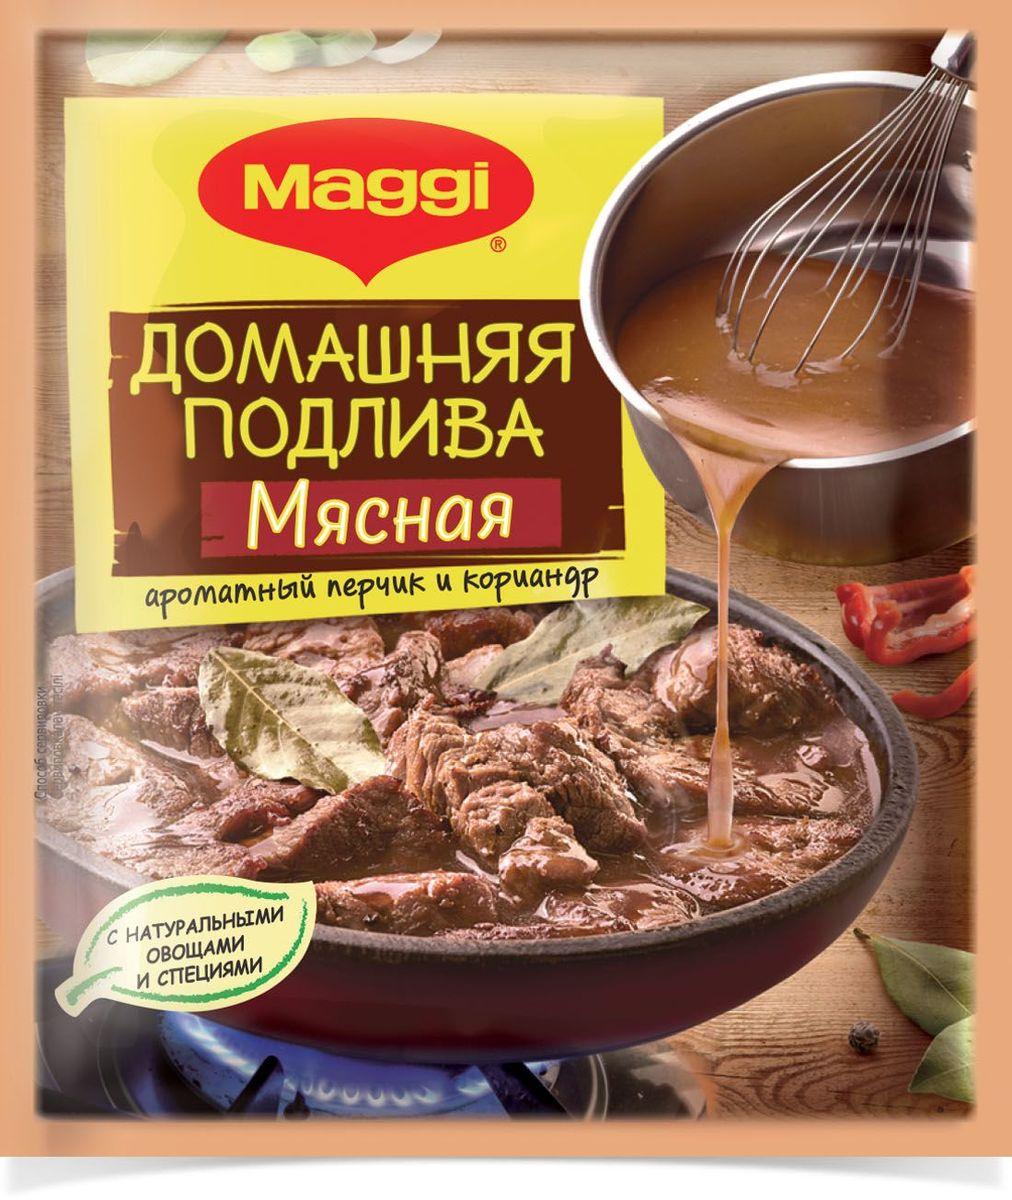 Maggi Подлива домашняя мясная, 90 г12072017Домашняя подлива Maggi - самый простой способ приготовить вкусную подливу! Домашняя Подлива Maggi Мясная поможет вам приготовить вкусные и разнообразные блюда из говядины, свинины: тушеное мясо, жареное мясо, котлеты, азу, ежики, тефтели. Без консервантов.Рекомендуется использовать для приготовления блюд нежирные сорта мяса, а на гарнир подавать крупы или овощи.